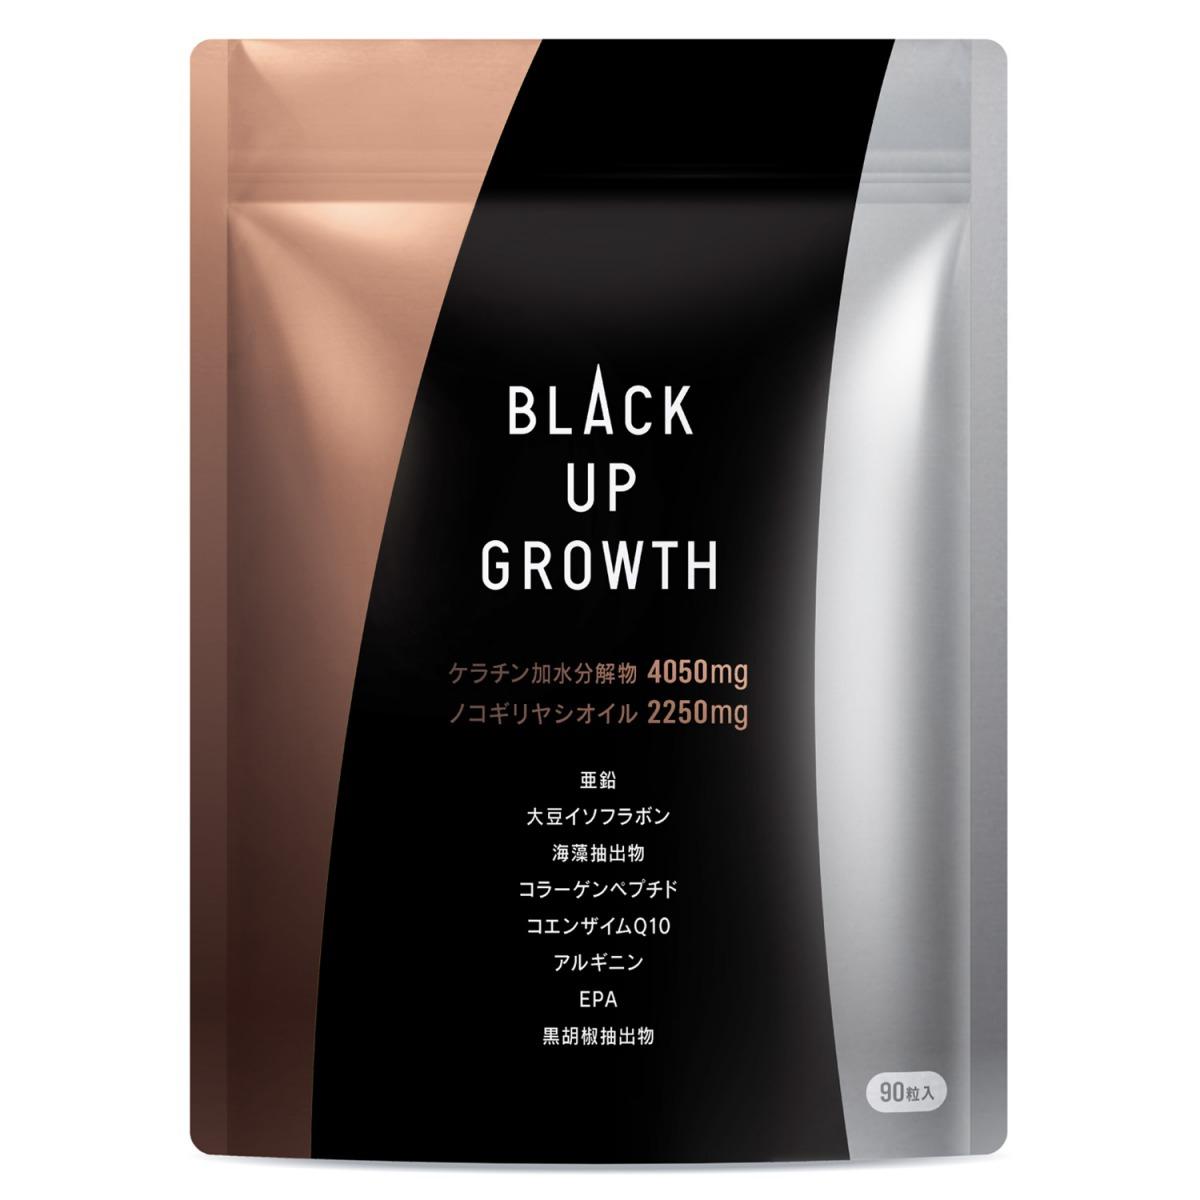 送料無料 ブランド激安セール会場 迅速にお届けします BLACK UP GROWTH ケラチン高配合 30日分 厳選20種類の成分配合 ヘアケアサプリ 低廉 ノコギリヤシ